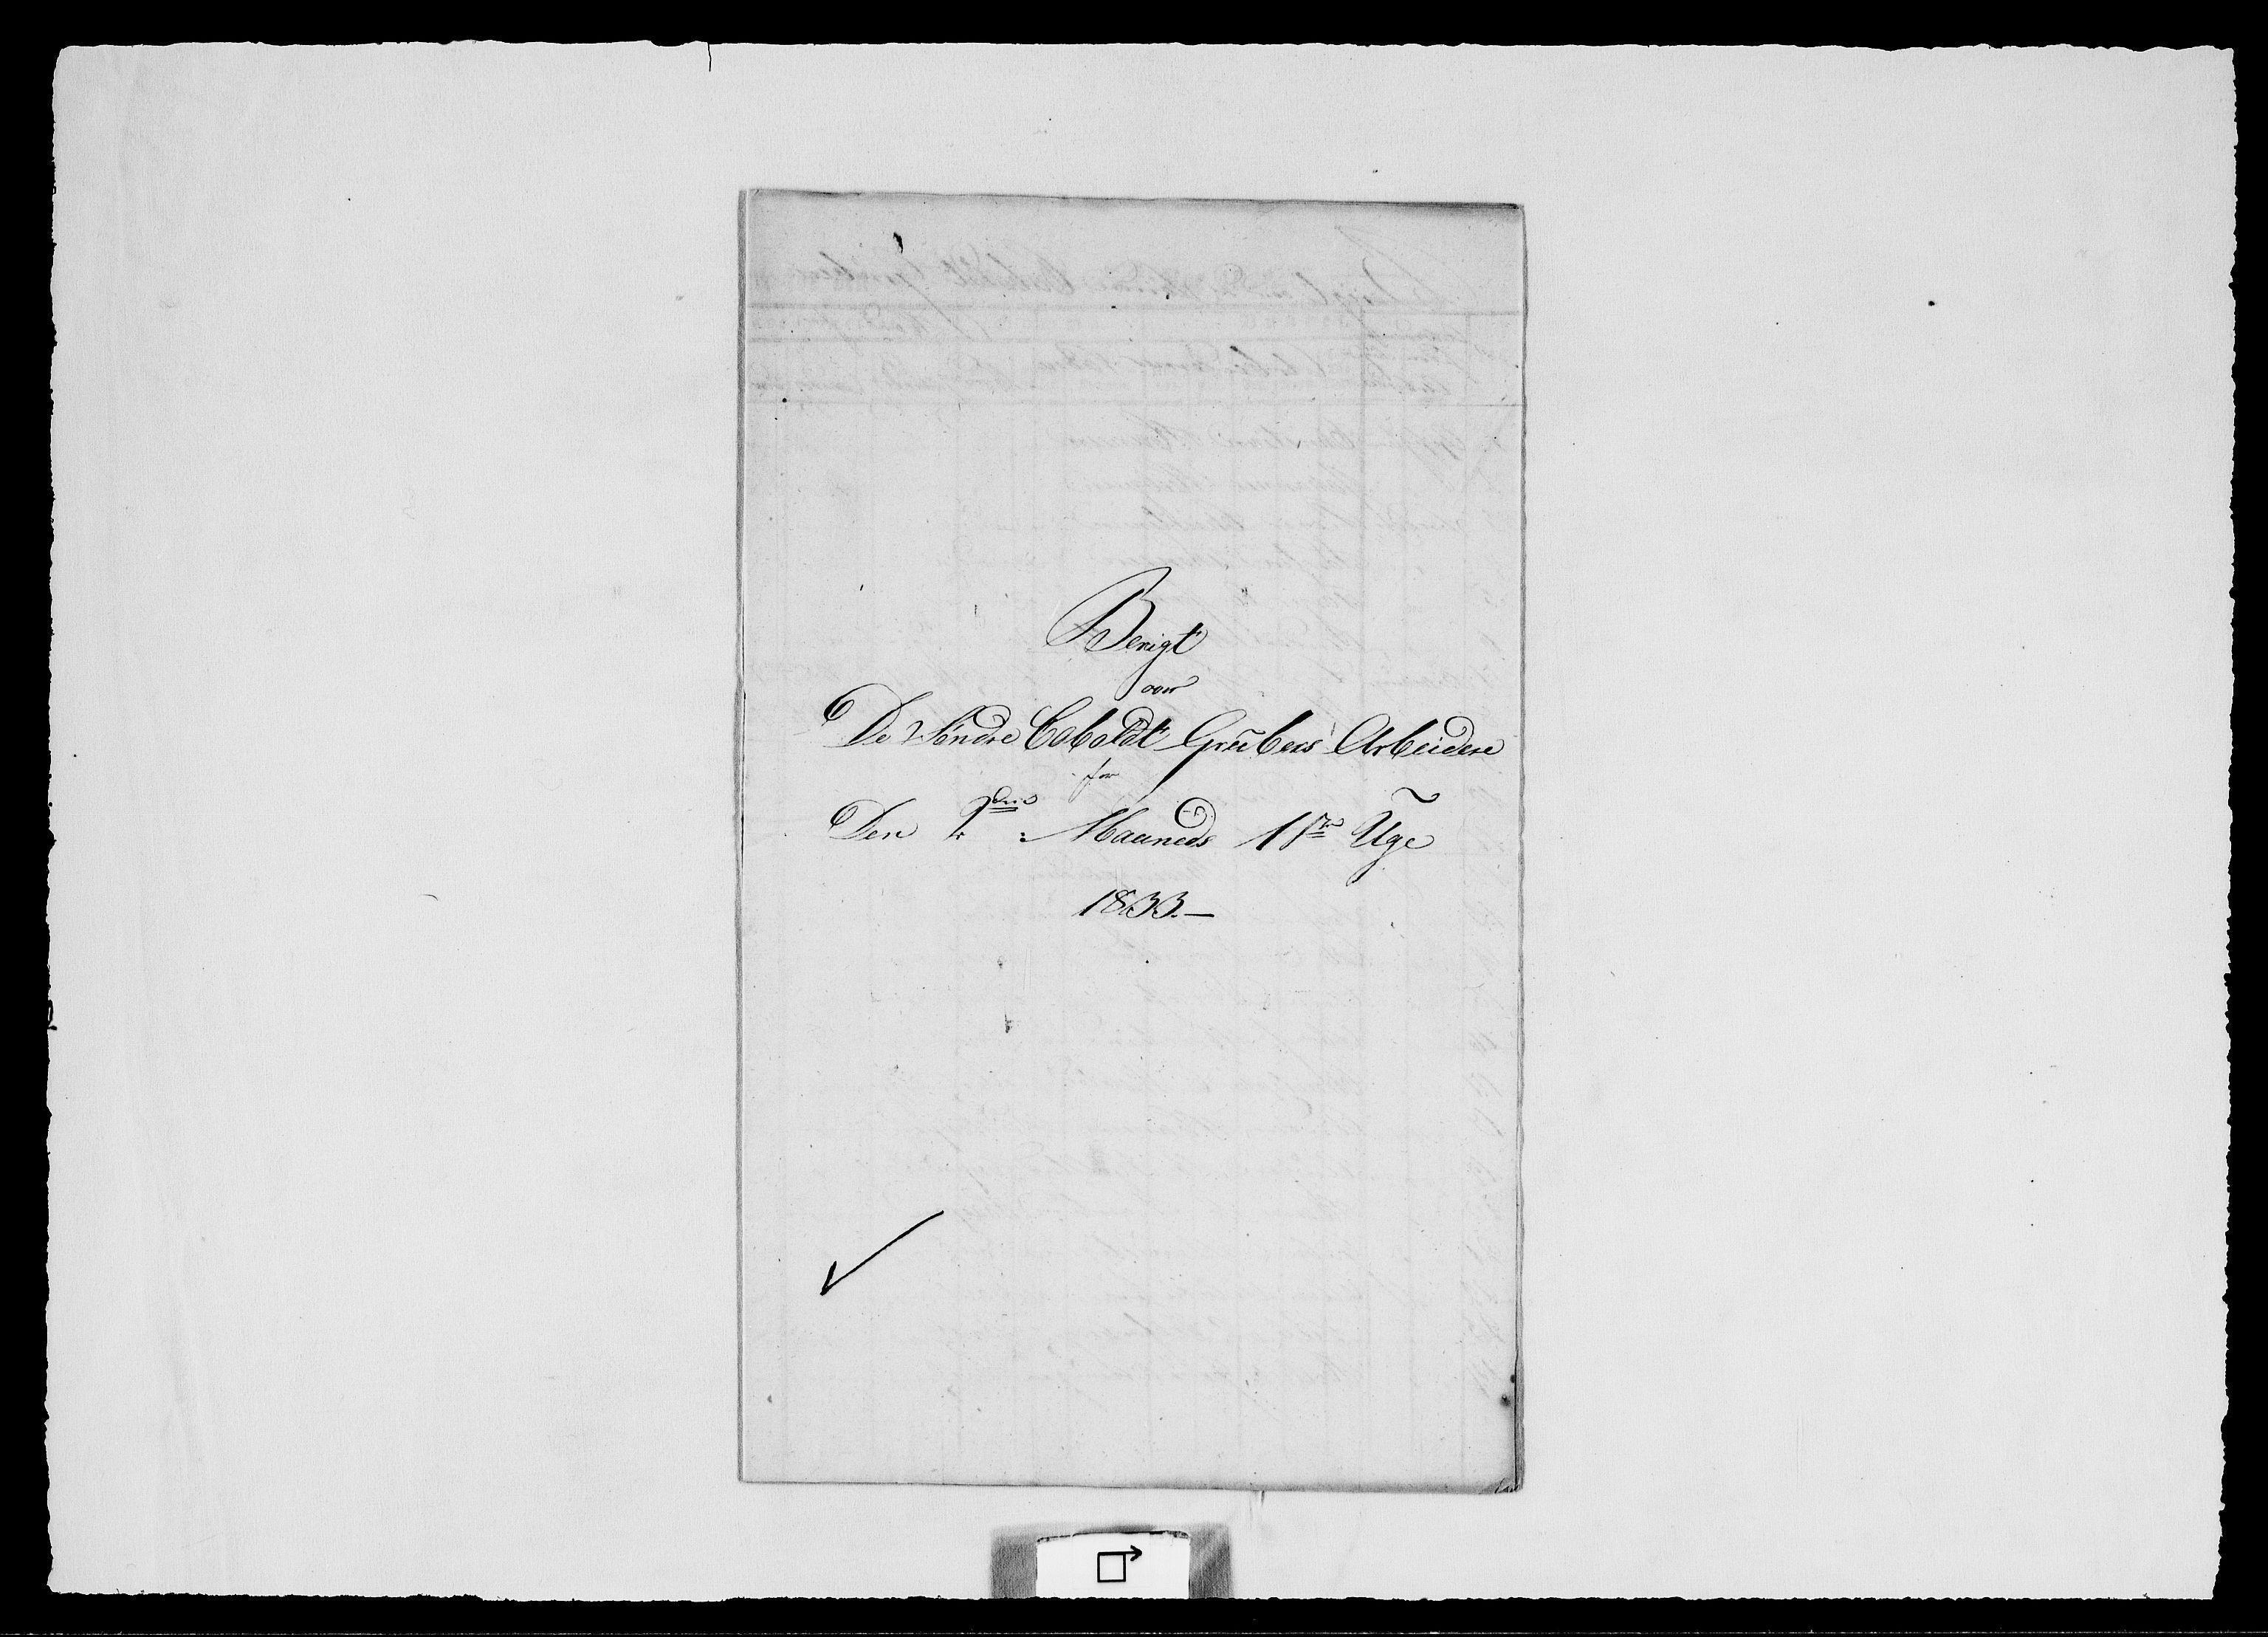 RA, Modums Blaafarveværk, G/Ge/L0341, 1833, s. 2